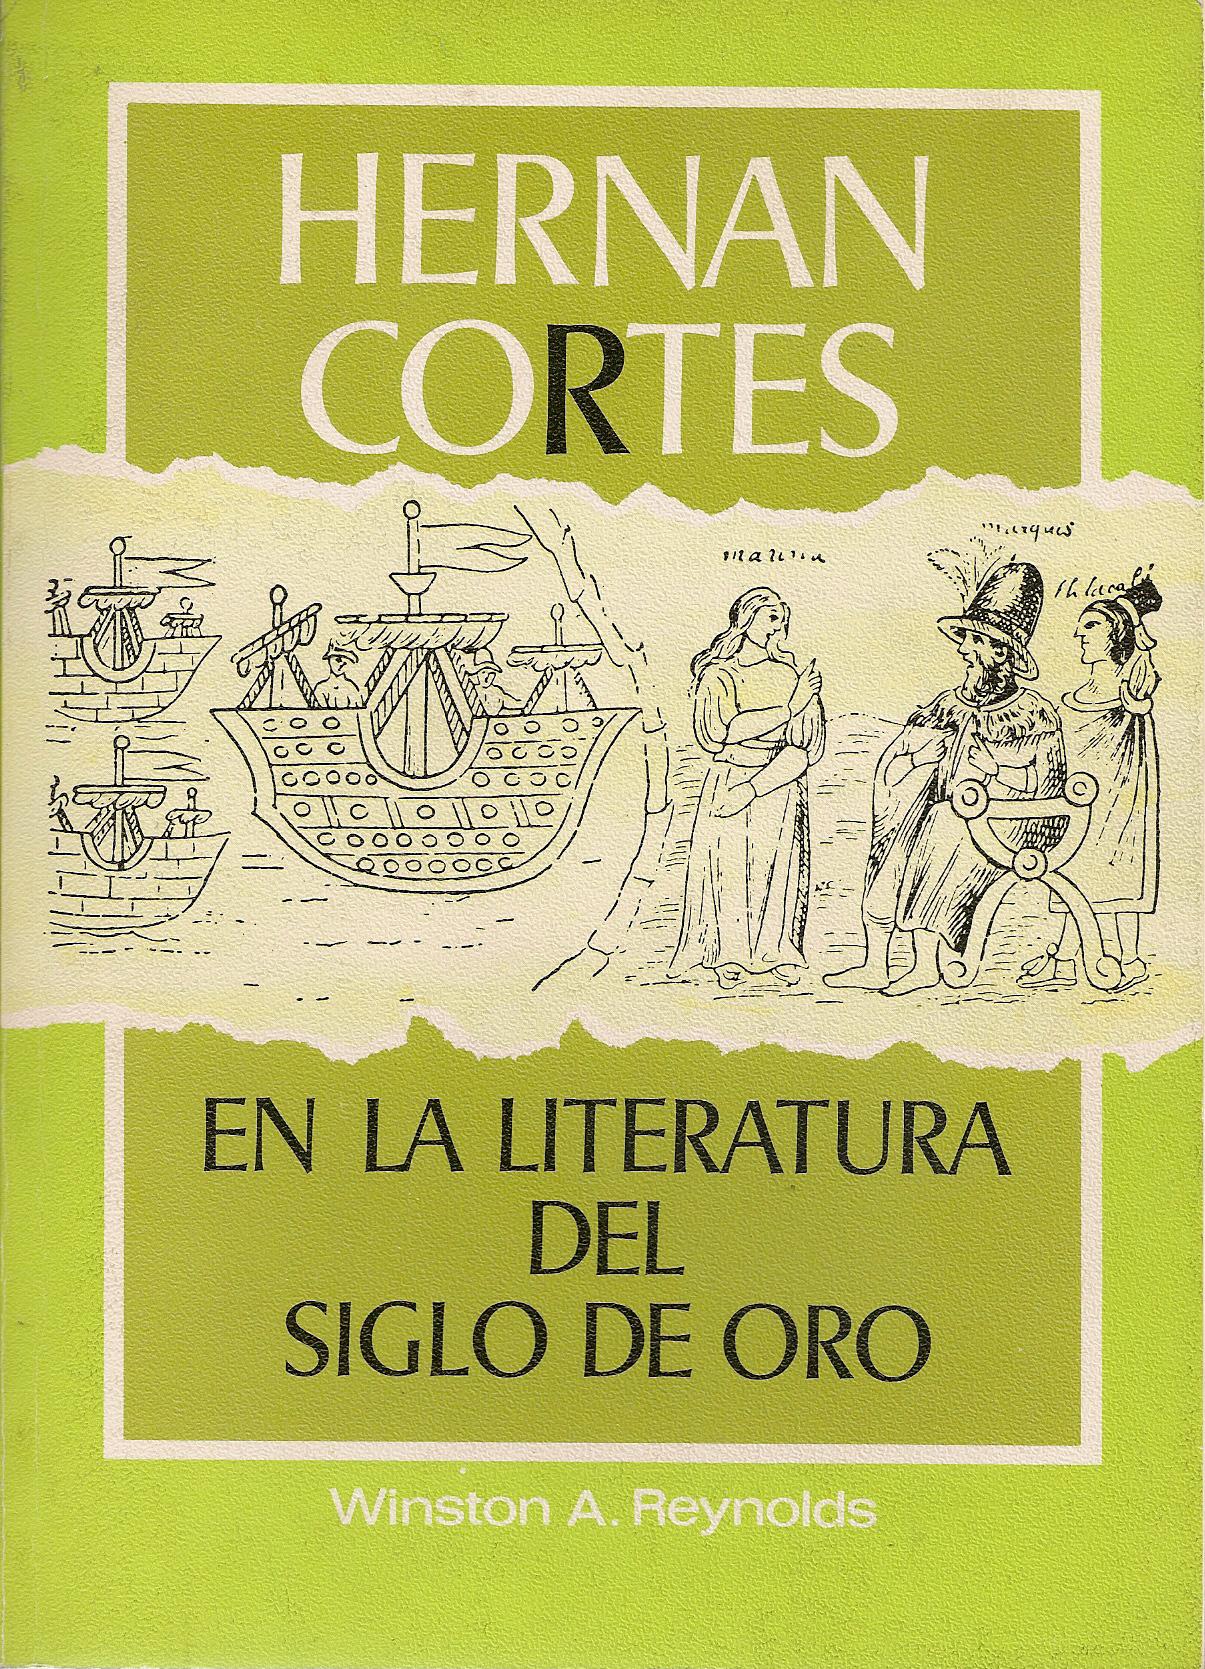 Hernán Cortés en la literatura del siglo de oro